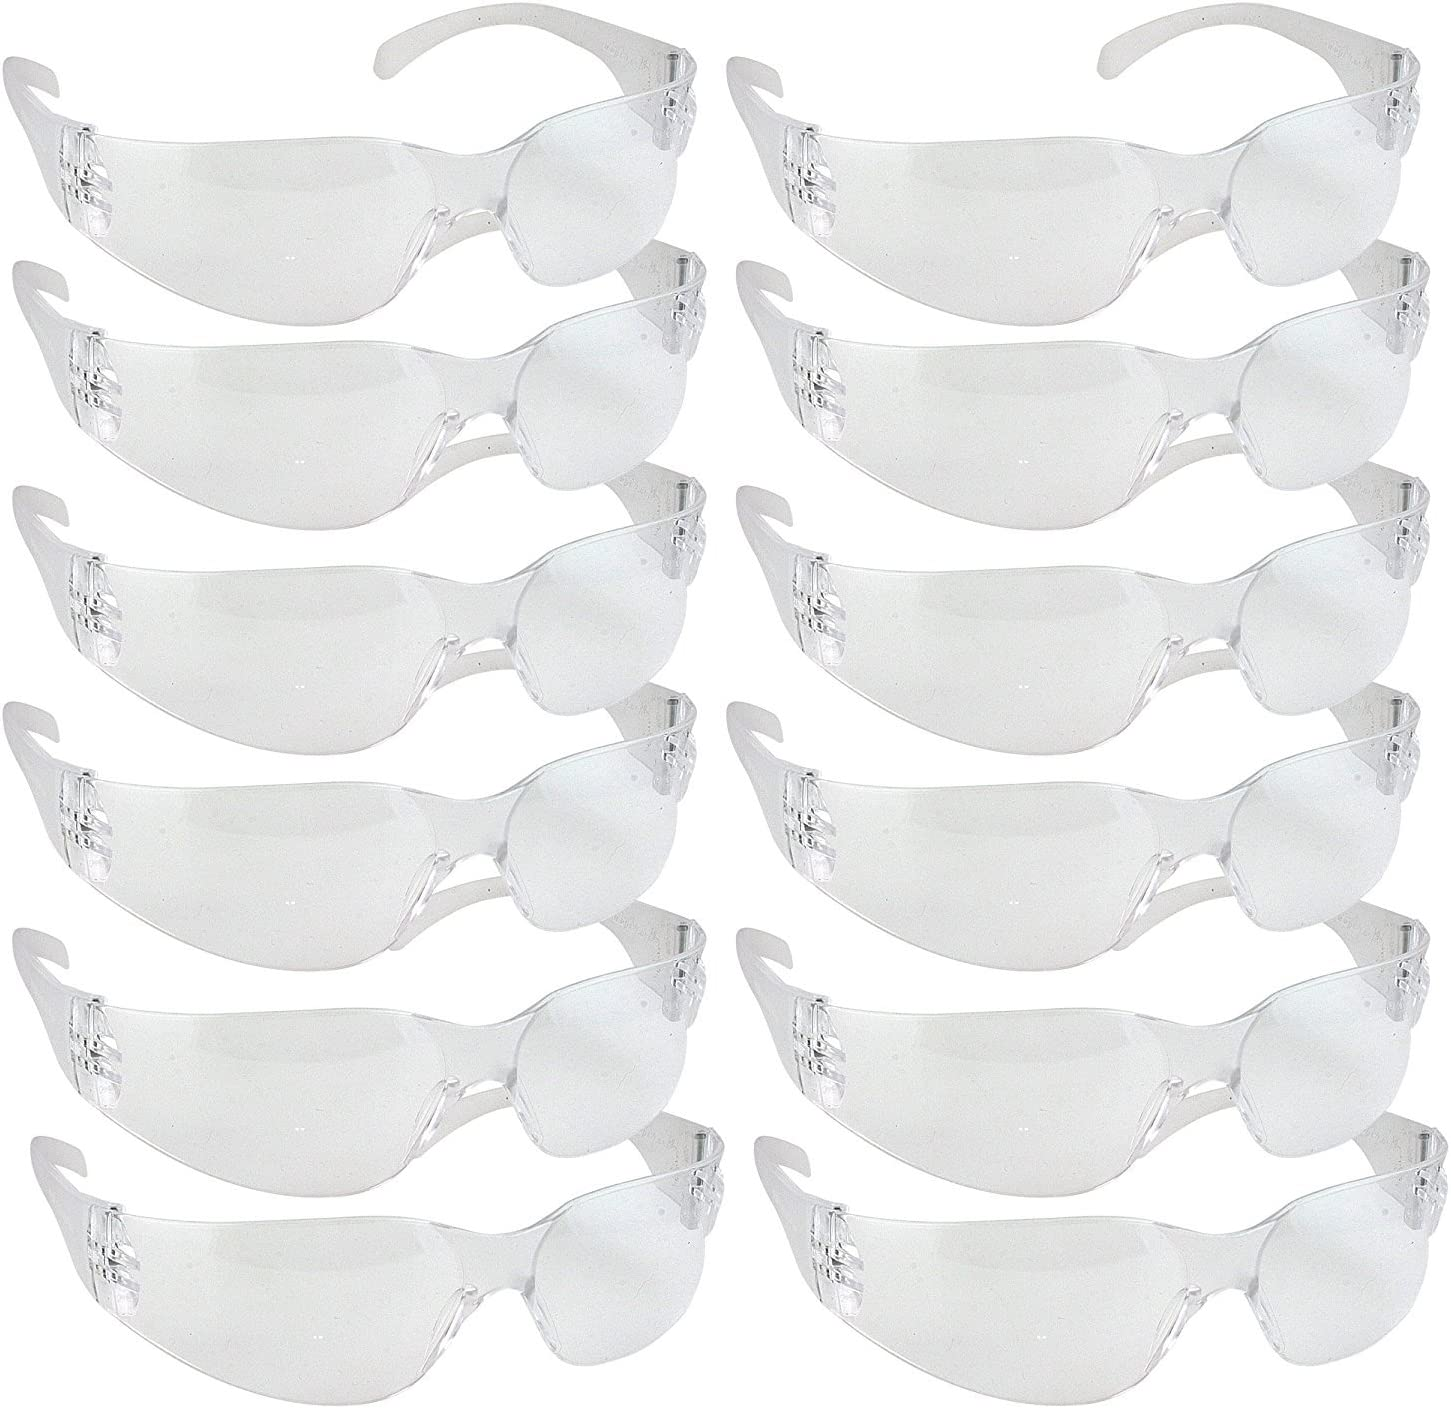 Safety1st - Gafas de seguridad, resistentes a los impactos, 12 unidades